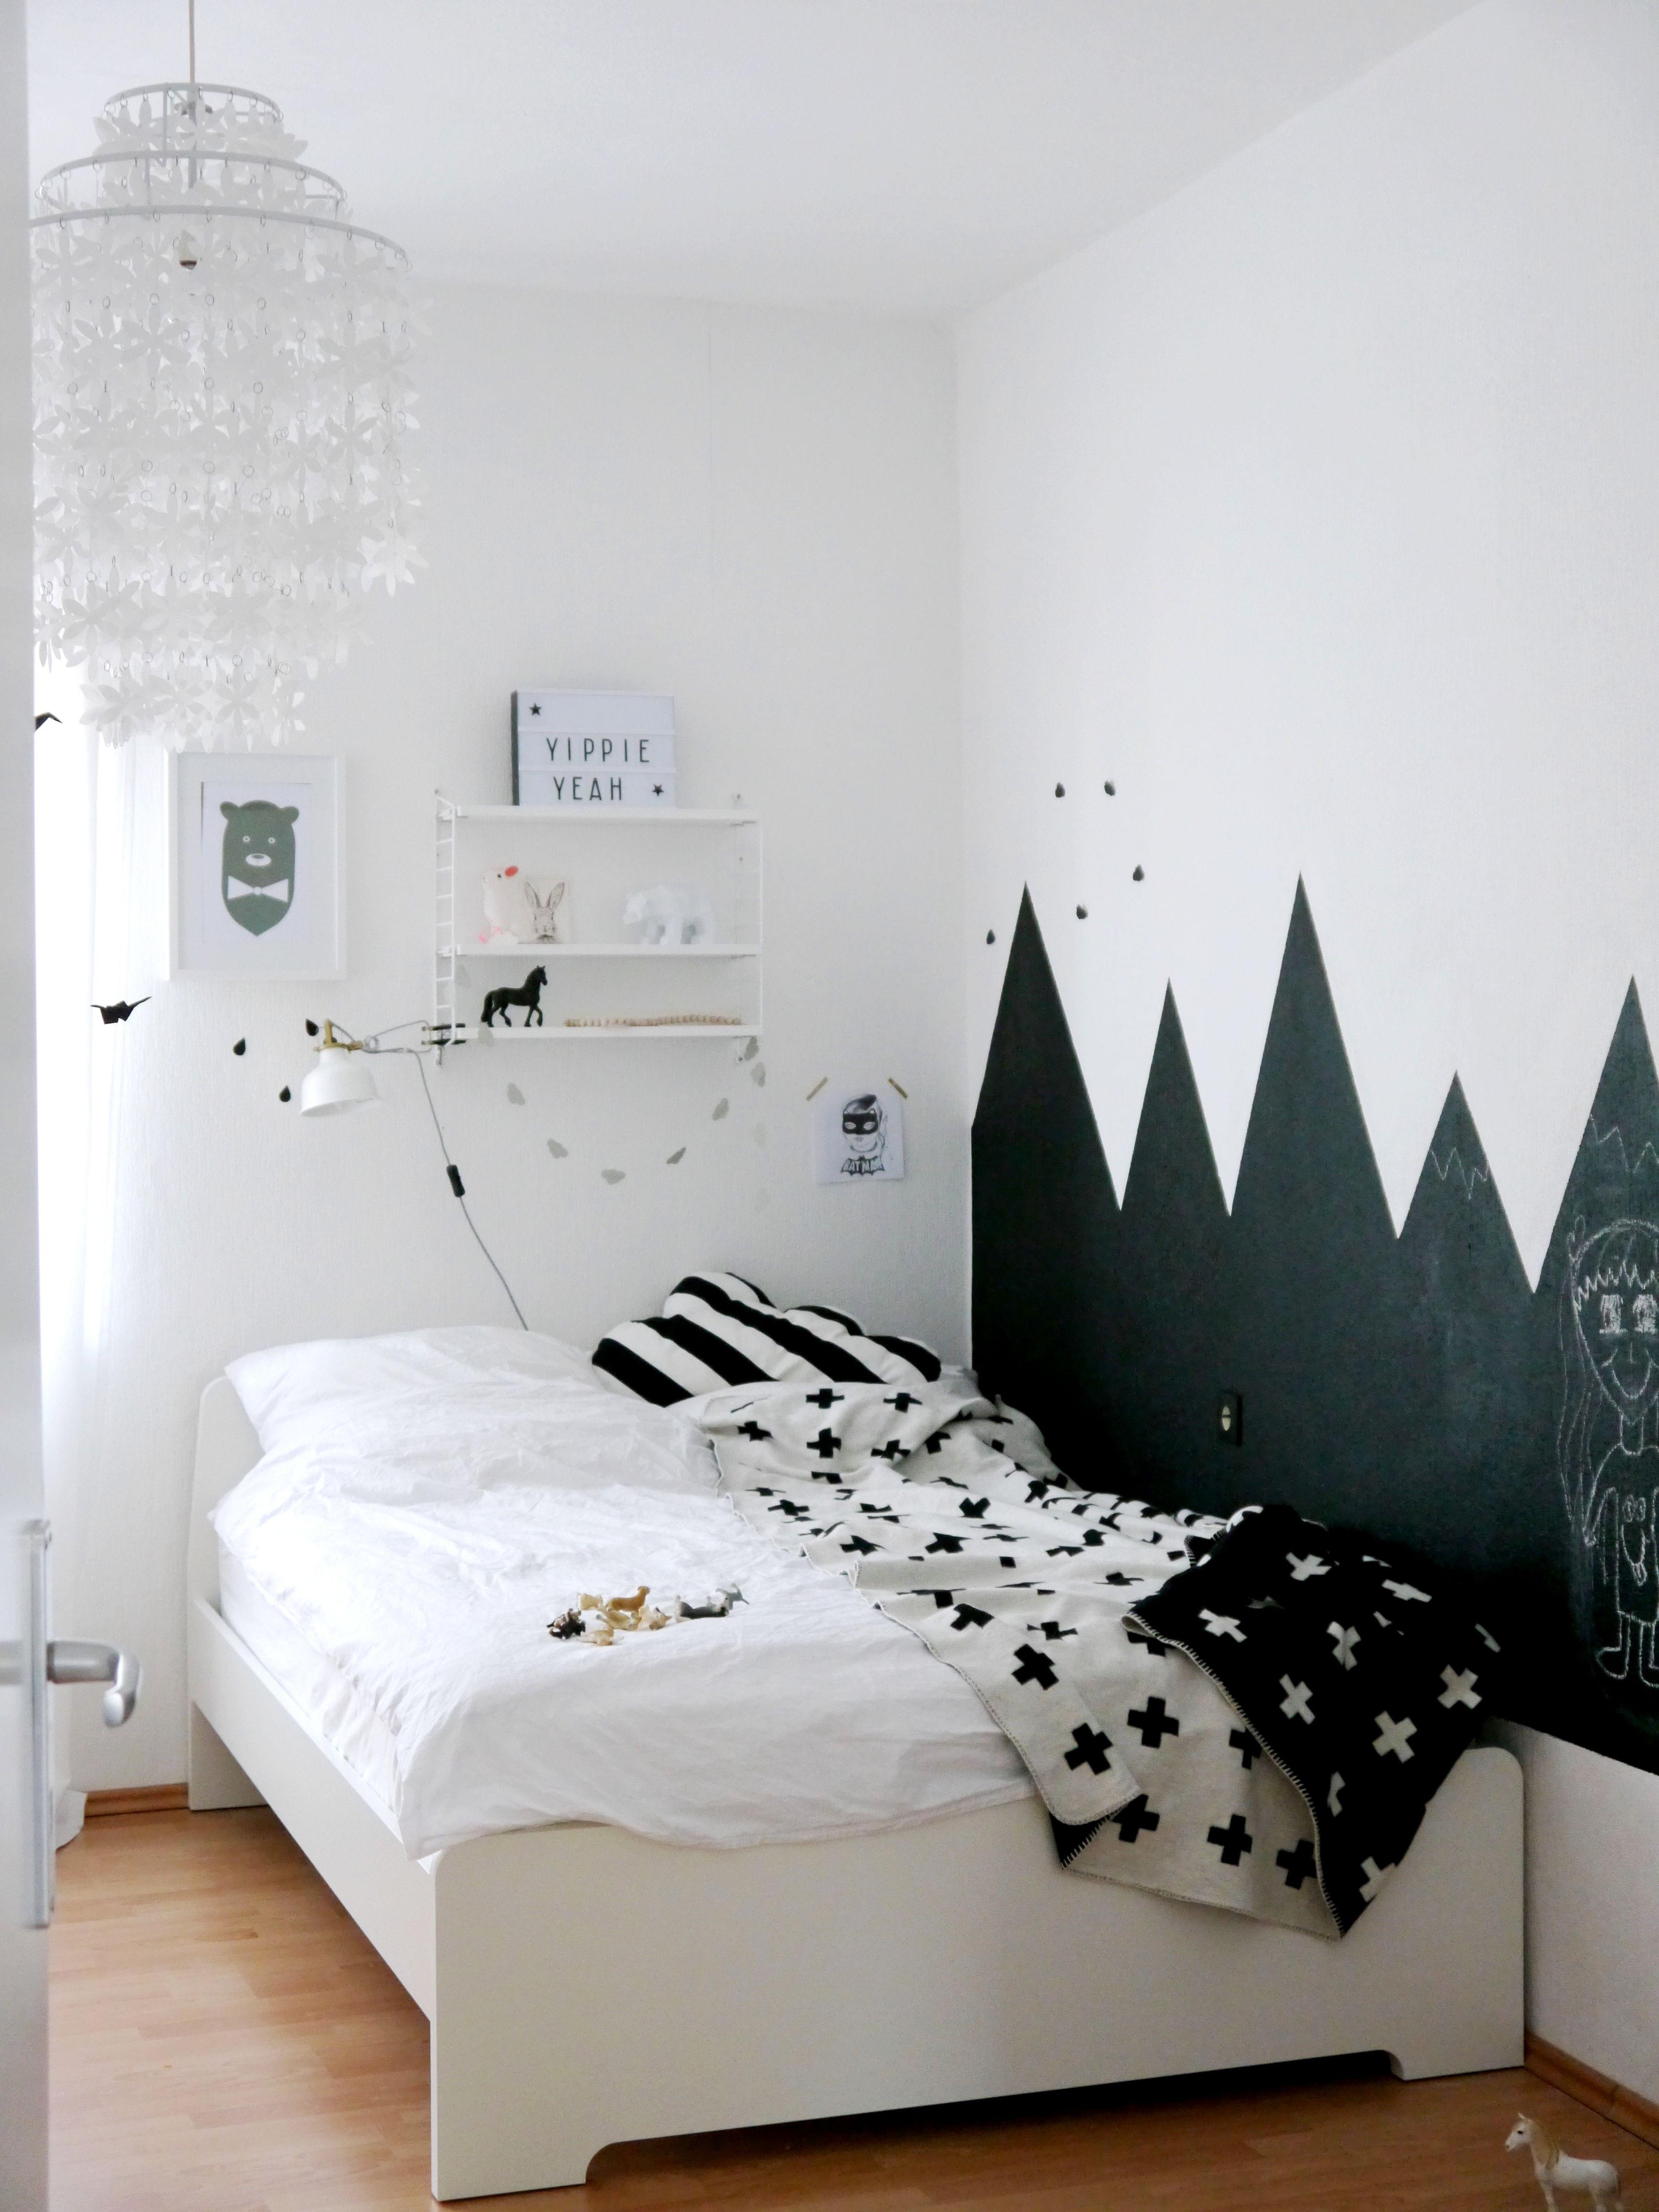 kinderzimmer schwarz wei tafellack jungenzimmer schwarz wei gelb pinterest kinderzimmer. Black Bedroom Furniture Sets. Home Design Ideas